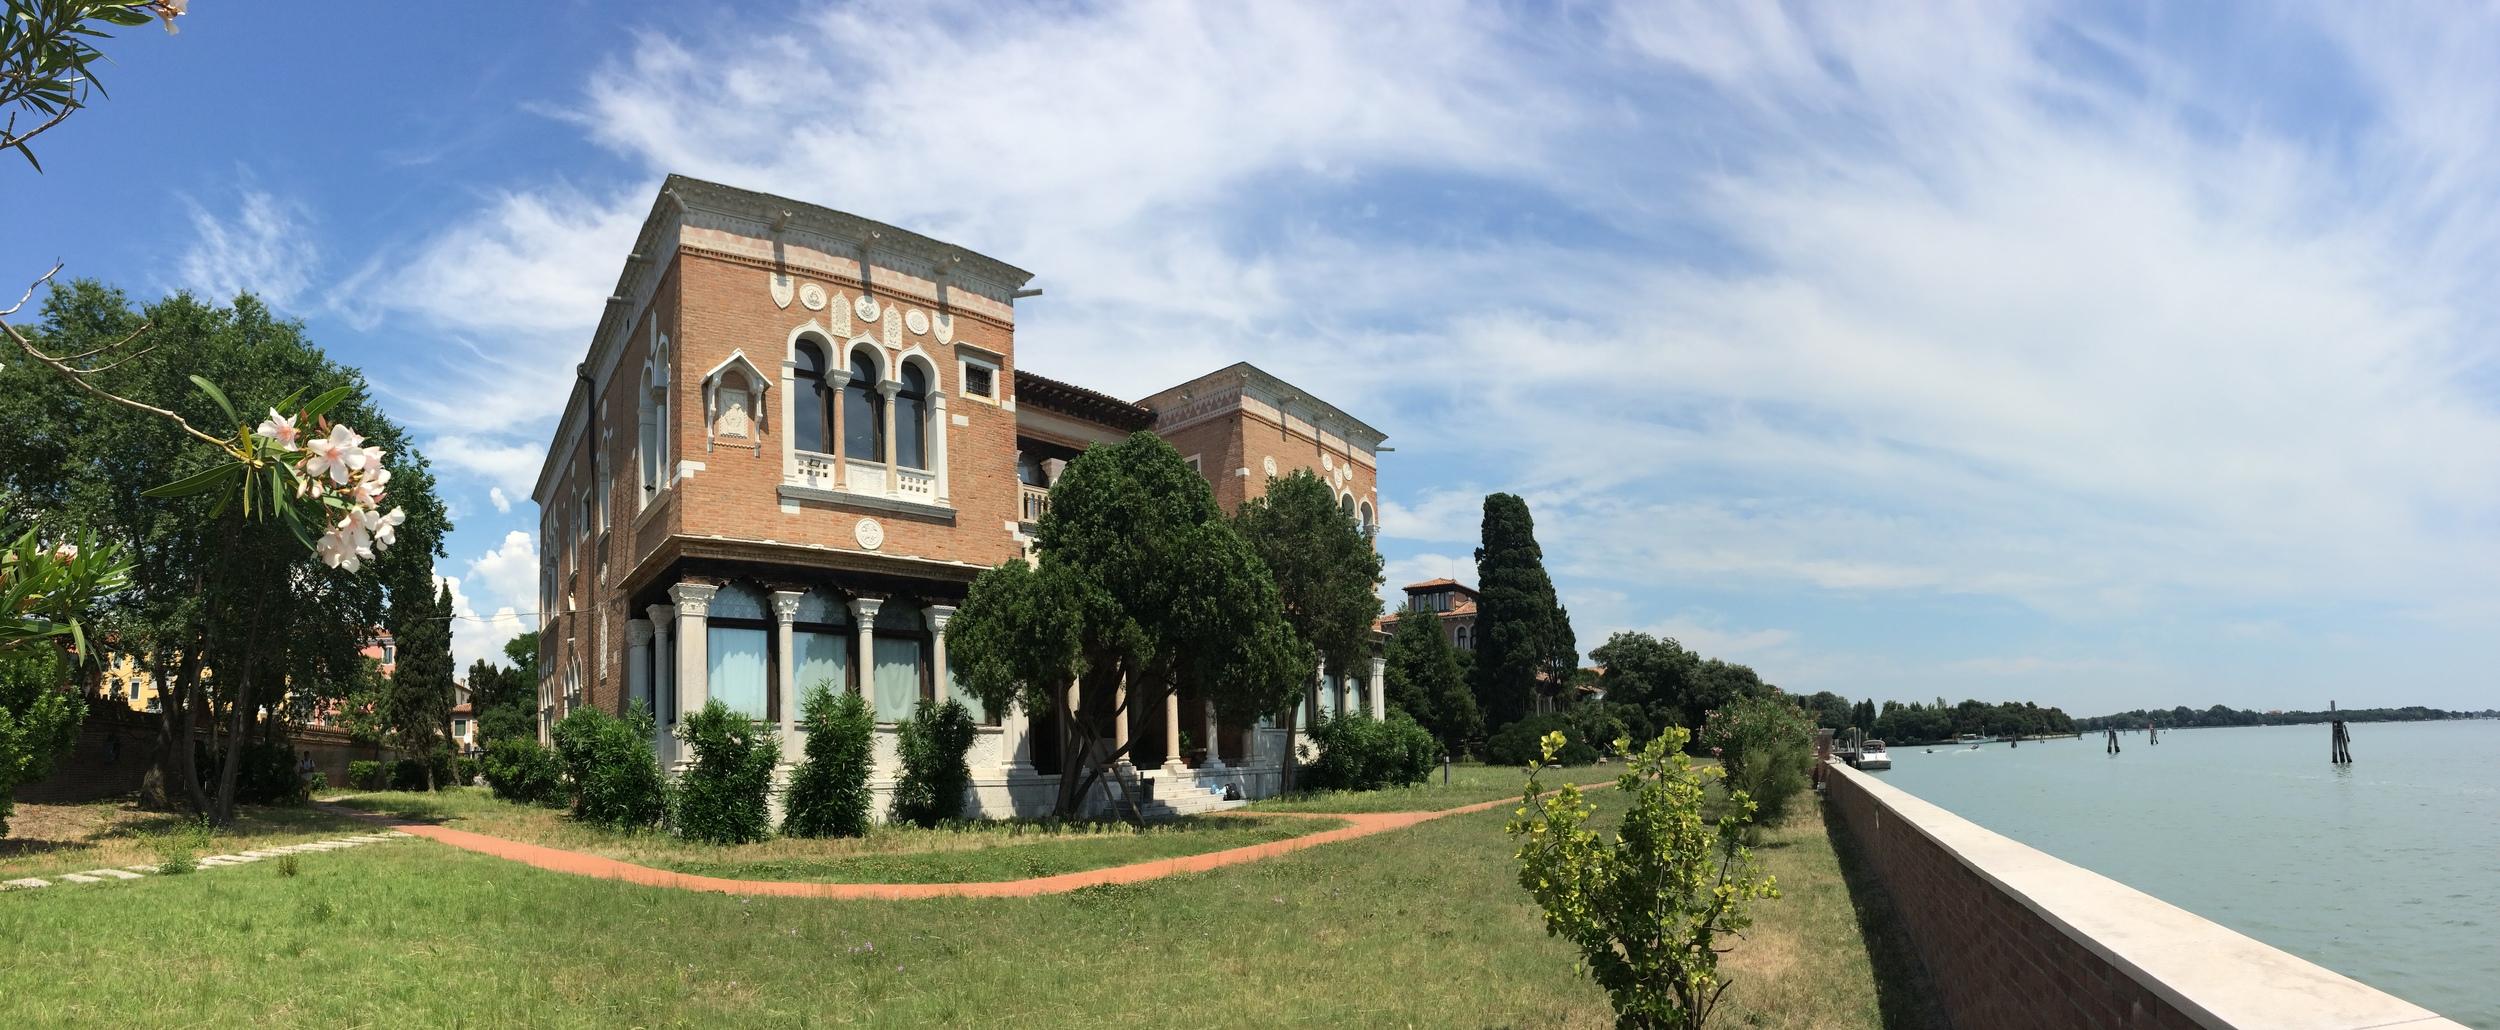 Università Internazionale dell'Arte (UIA) , the main site for Pratt in Venice.